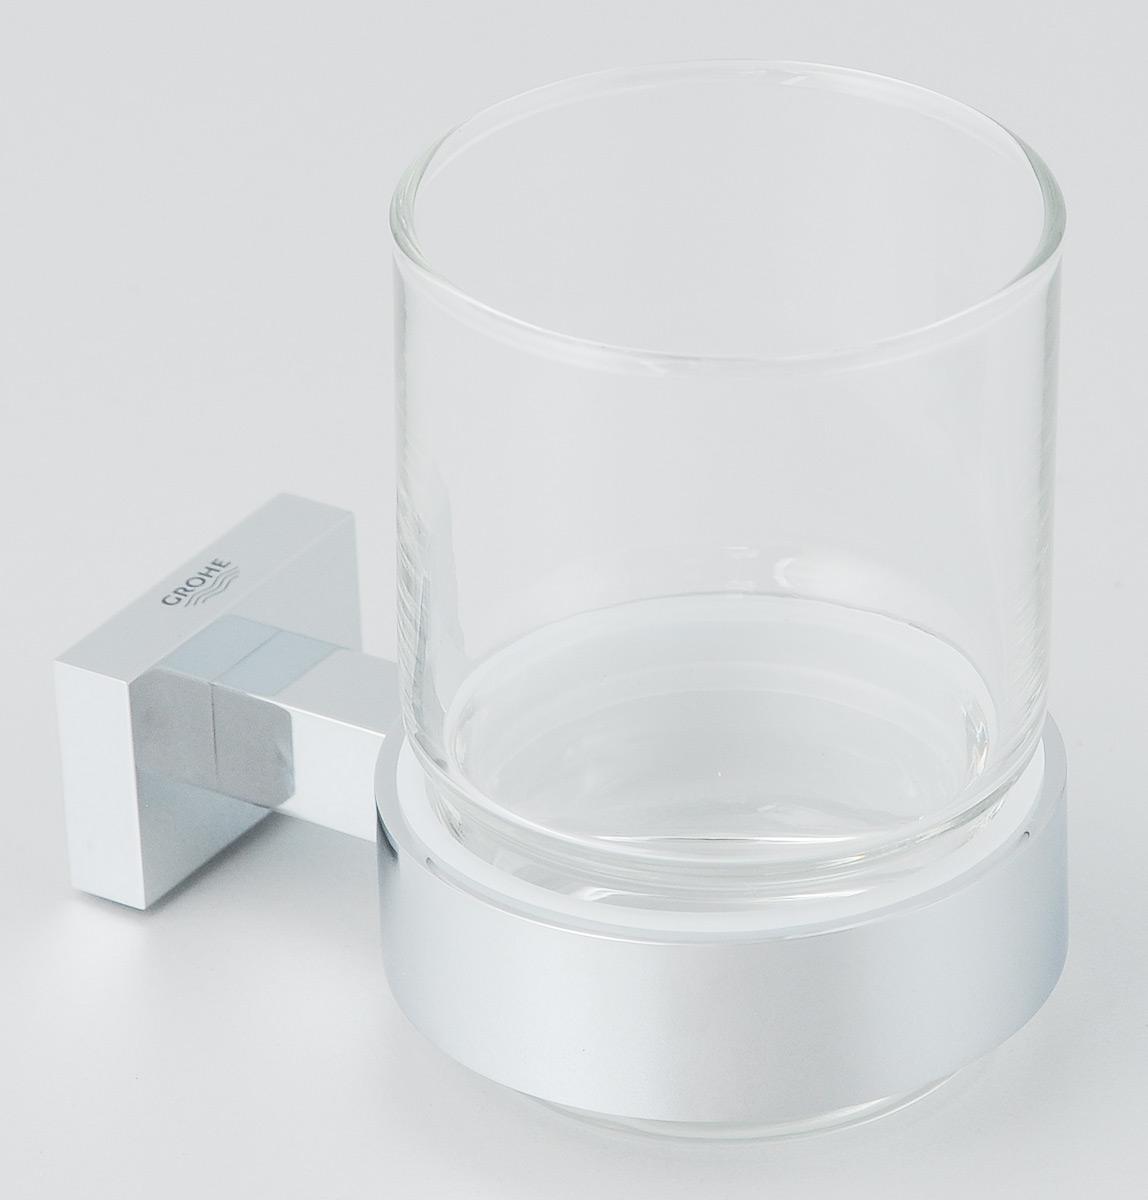 Стакан Grohe Essentials Cube, с держателем40755001Стакан с держателем Grohe Essentials Cube очень практичен и функционален. Стакан выполнен из толстого стекла. Держатель изготовлен из металла с хромированным покрытием. Благодаря специальной технологии Grohe StarLight покрытие обеспечивает сияющий блеск на протяжении всего срока службы. Кроме того, оно отталкивает грязь, не тускнеет и обладает высокой степенью износостойкости. Стакан крепится к стене (крепежные элементы поставляются в комплекте). Крепление скрытое.Благодаря неизменно актуальному дизайну и долговечному хромированному покрытию, такой стакан отлично дополнит интерьер ванной комнаты, воплощая собой изысканный стиль и превосходное качество.Диаметр стакана: 7 см. Высота стакана: 9,5 см.Размер (с держателем): 11 х 7 х 9,5 см.